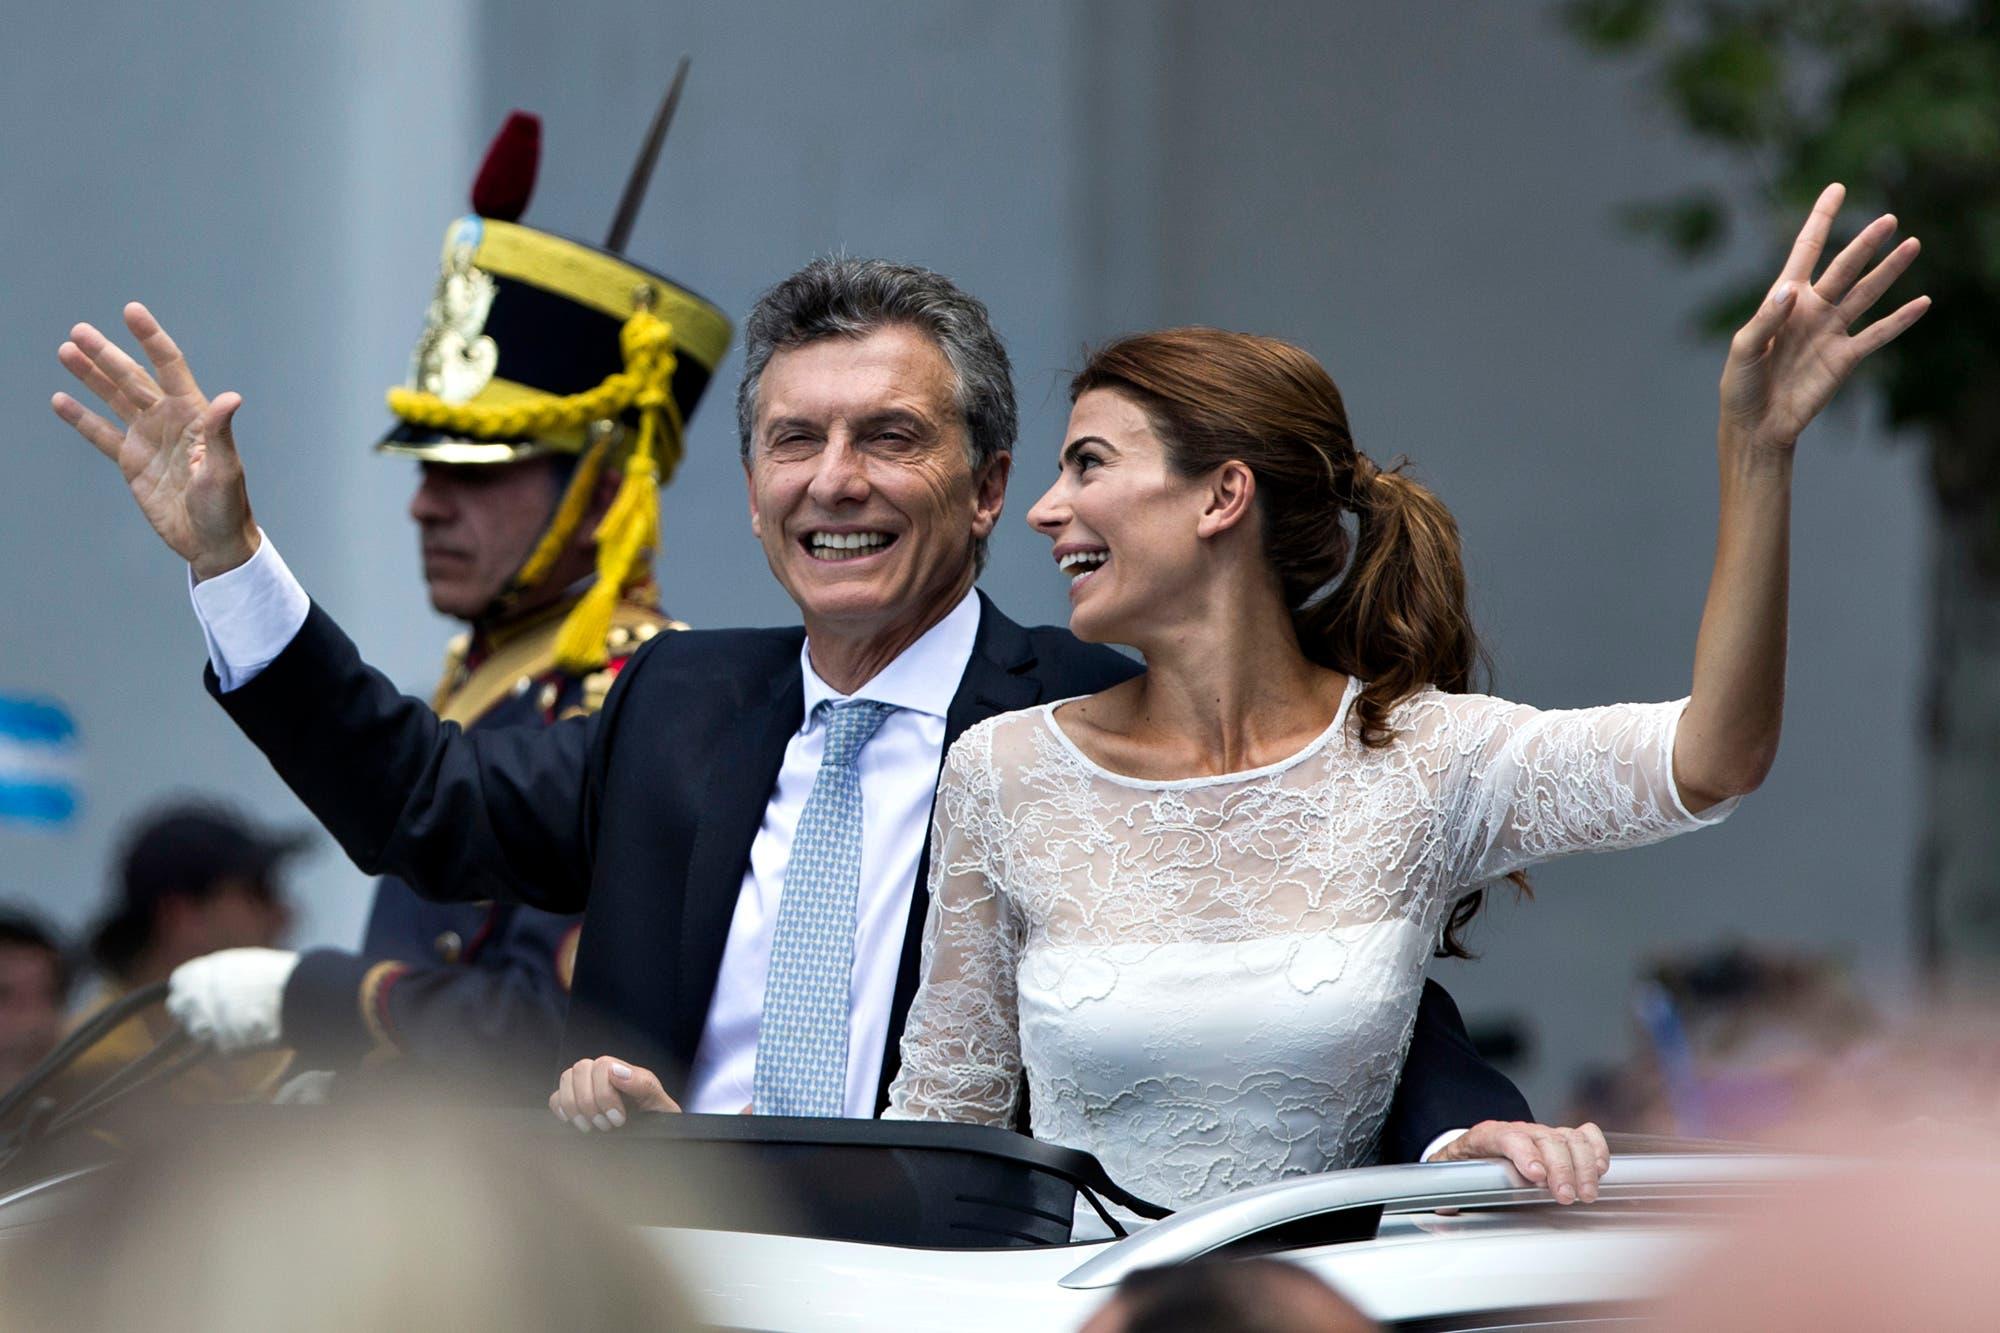 ¿Suerte o mérito? Se repite con Alberto Fernández la fórmula que benefició a Néstor Kirchner